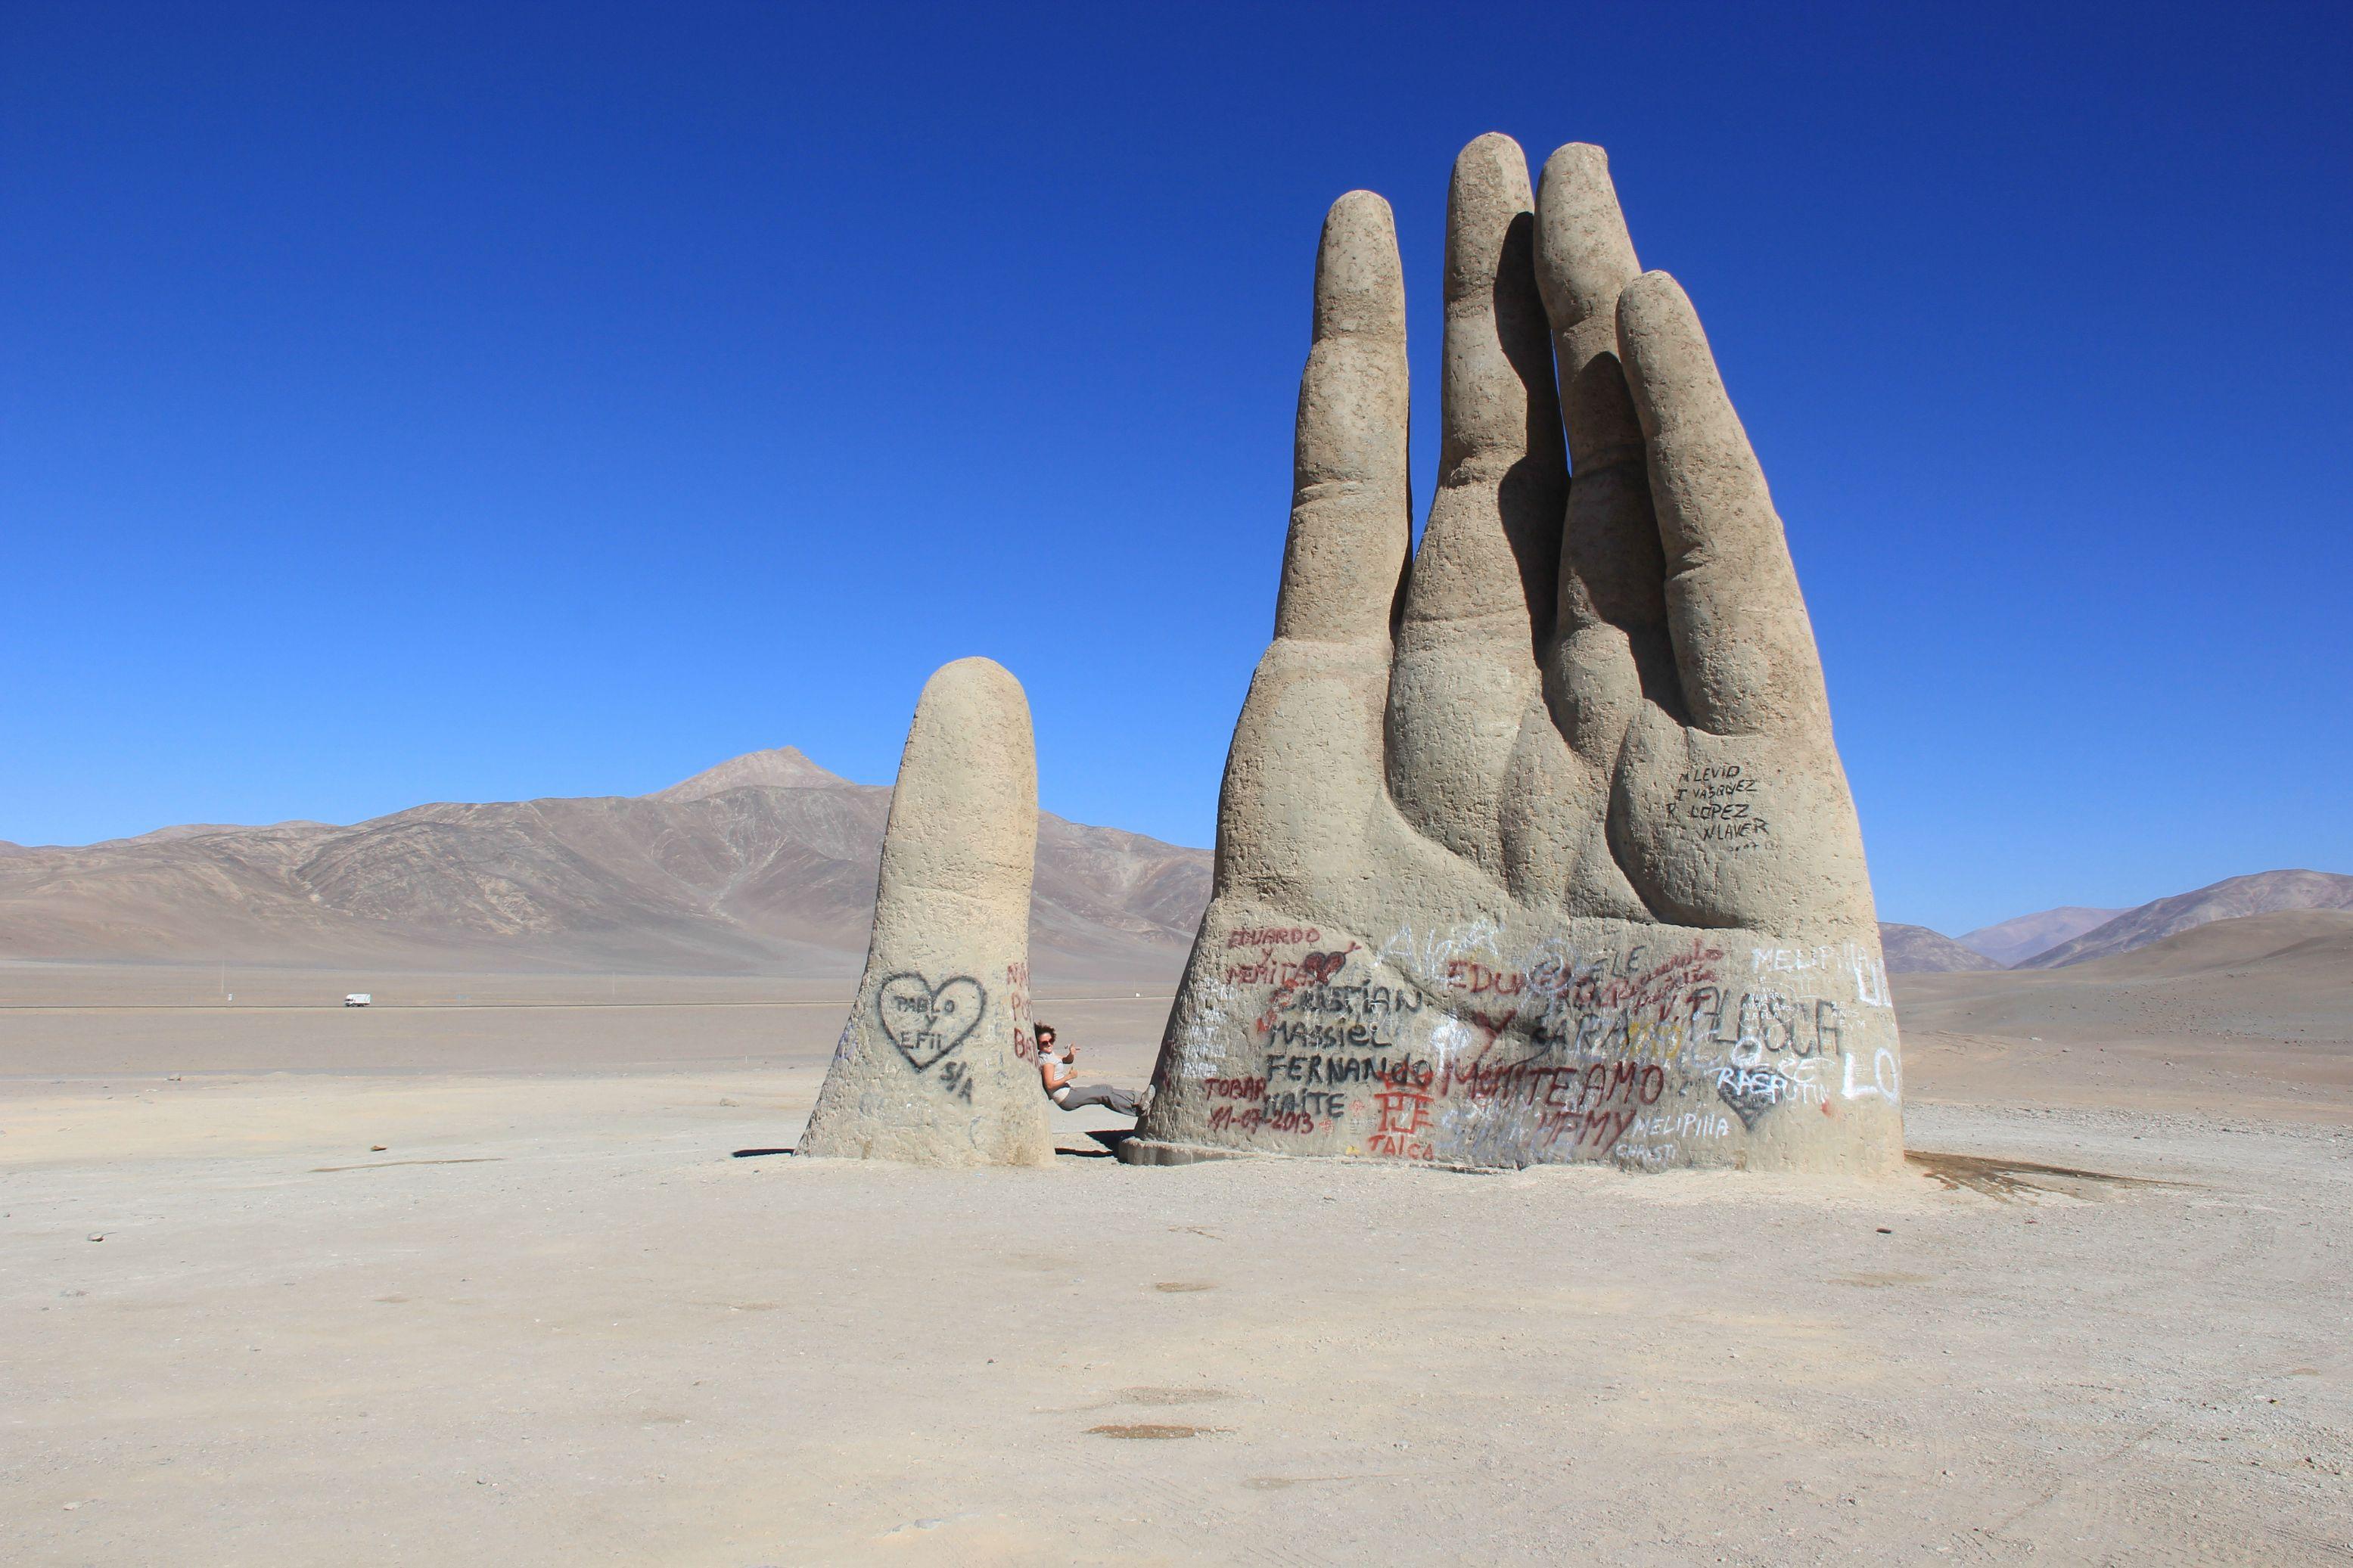 """Το """"εξωγήινο μνημείο"""" στη μέση της ερήμου. Βρίσκεται στο πιο ξηρό σημείο του πλανήτη που είχε να βρέξει 400 χρόνια! Κινδυνεύει μόνο από το γκράφιτι, καθώς είναι αδύνατο να φυλαχθεί"""